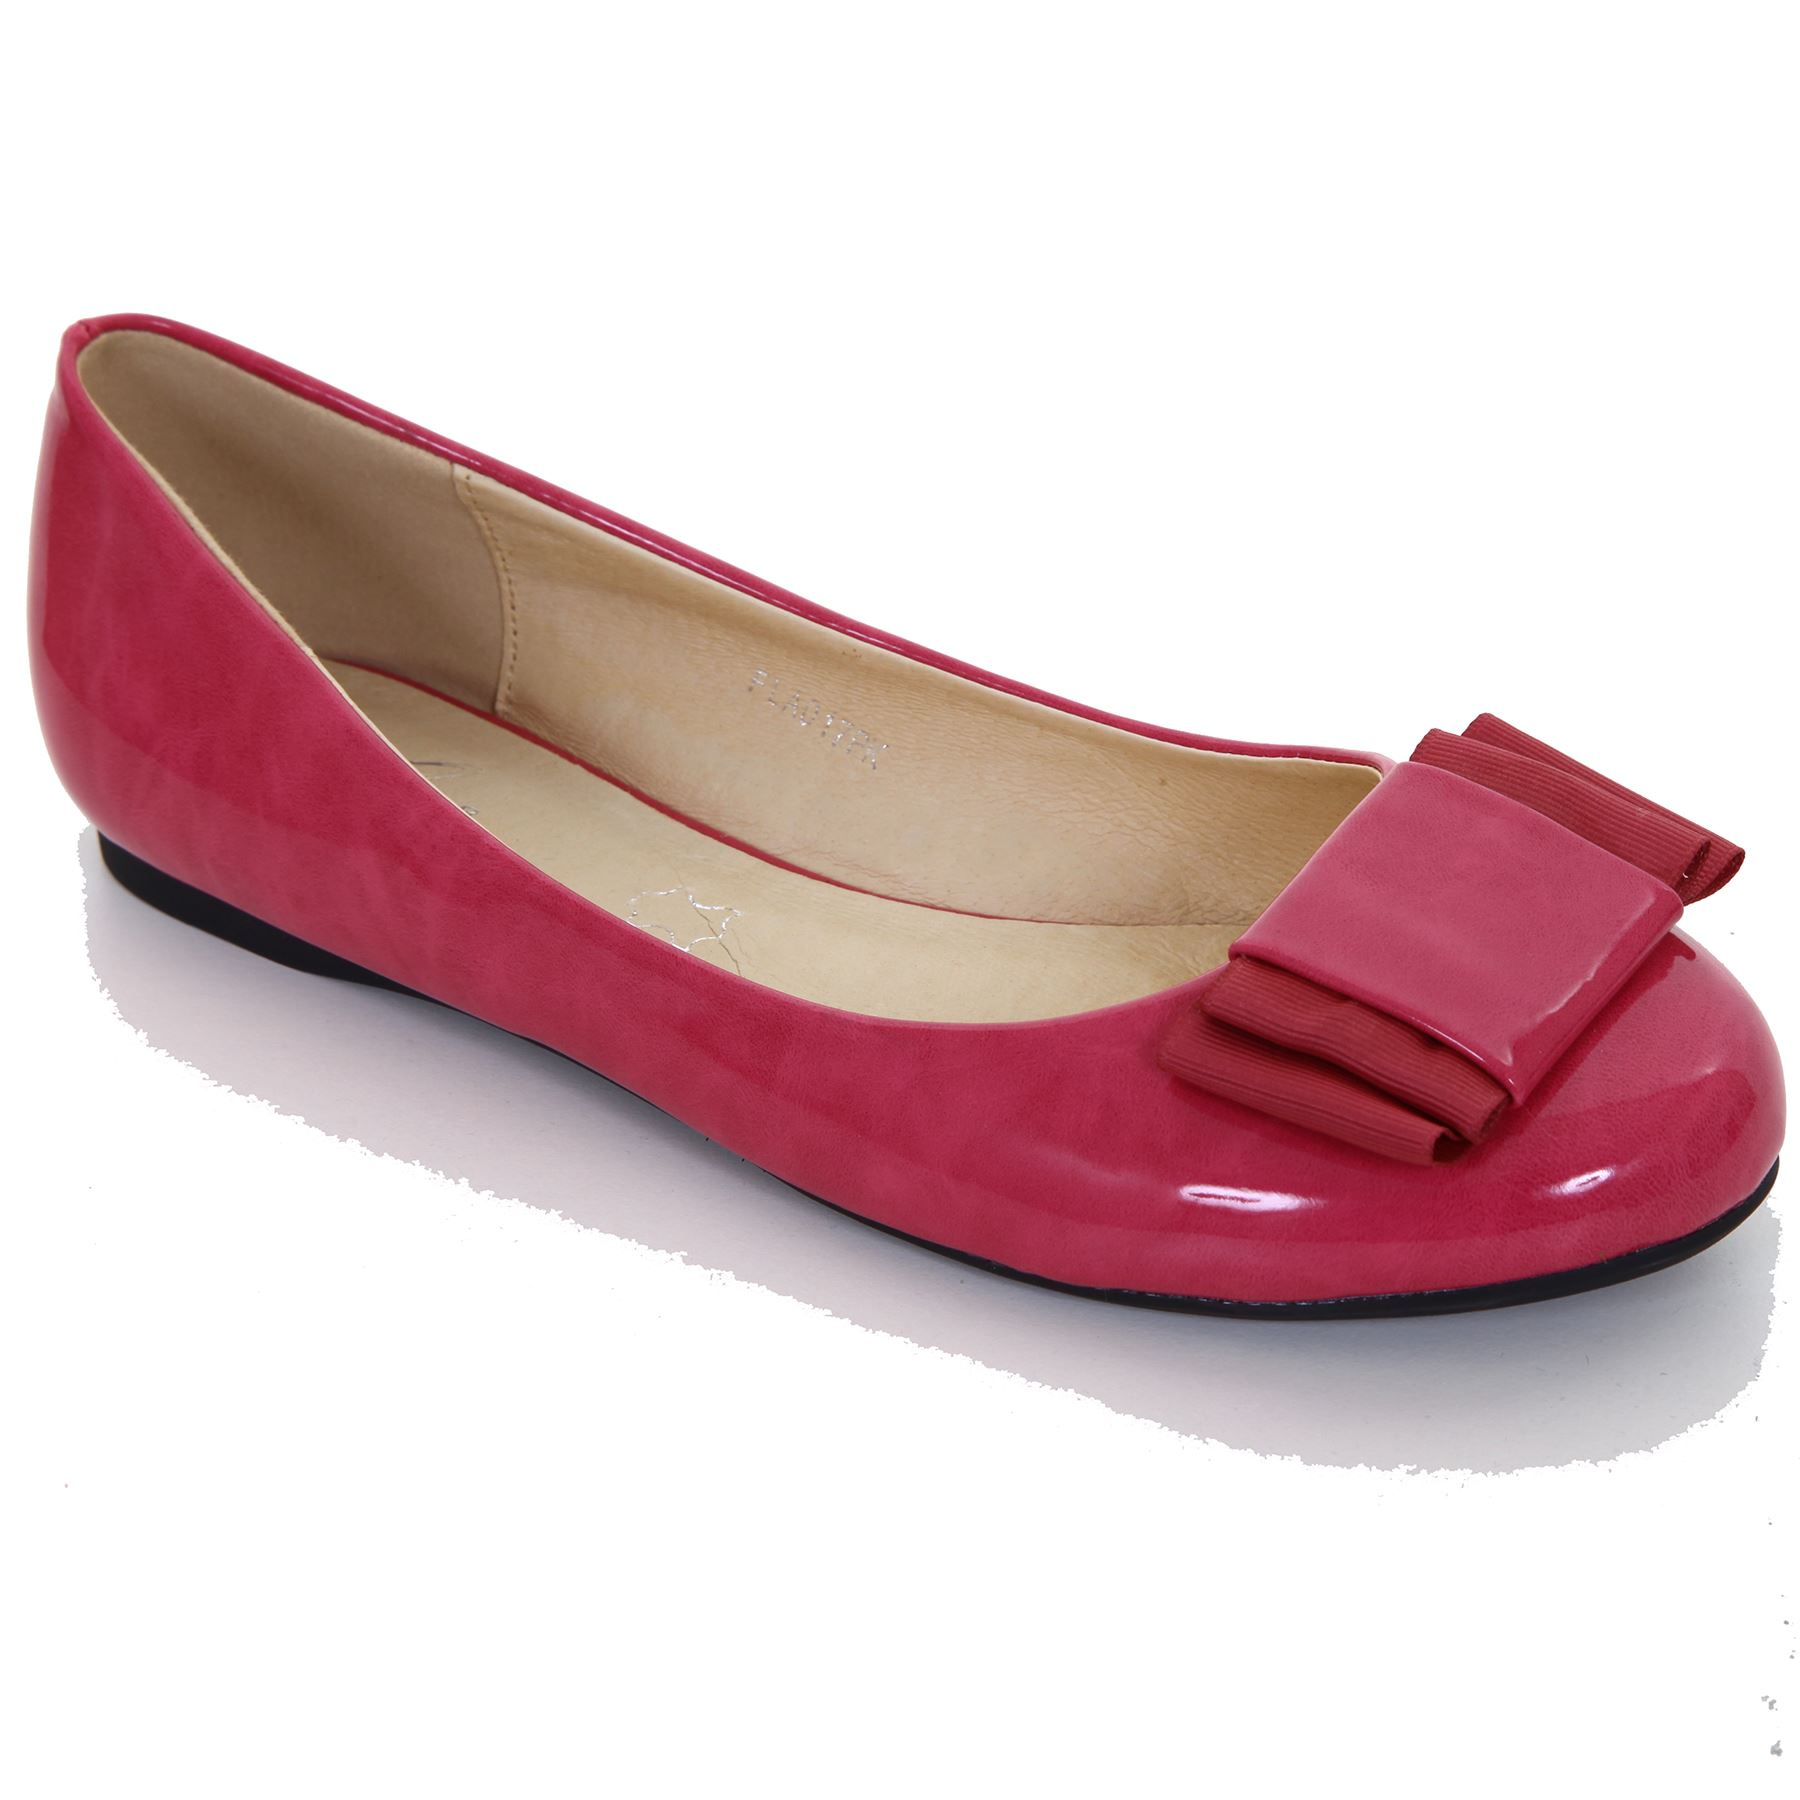 Damen Lack Schleife Akzent Freizeit Komfort Smart Pumps Ballerinas Schuhe 3-8